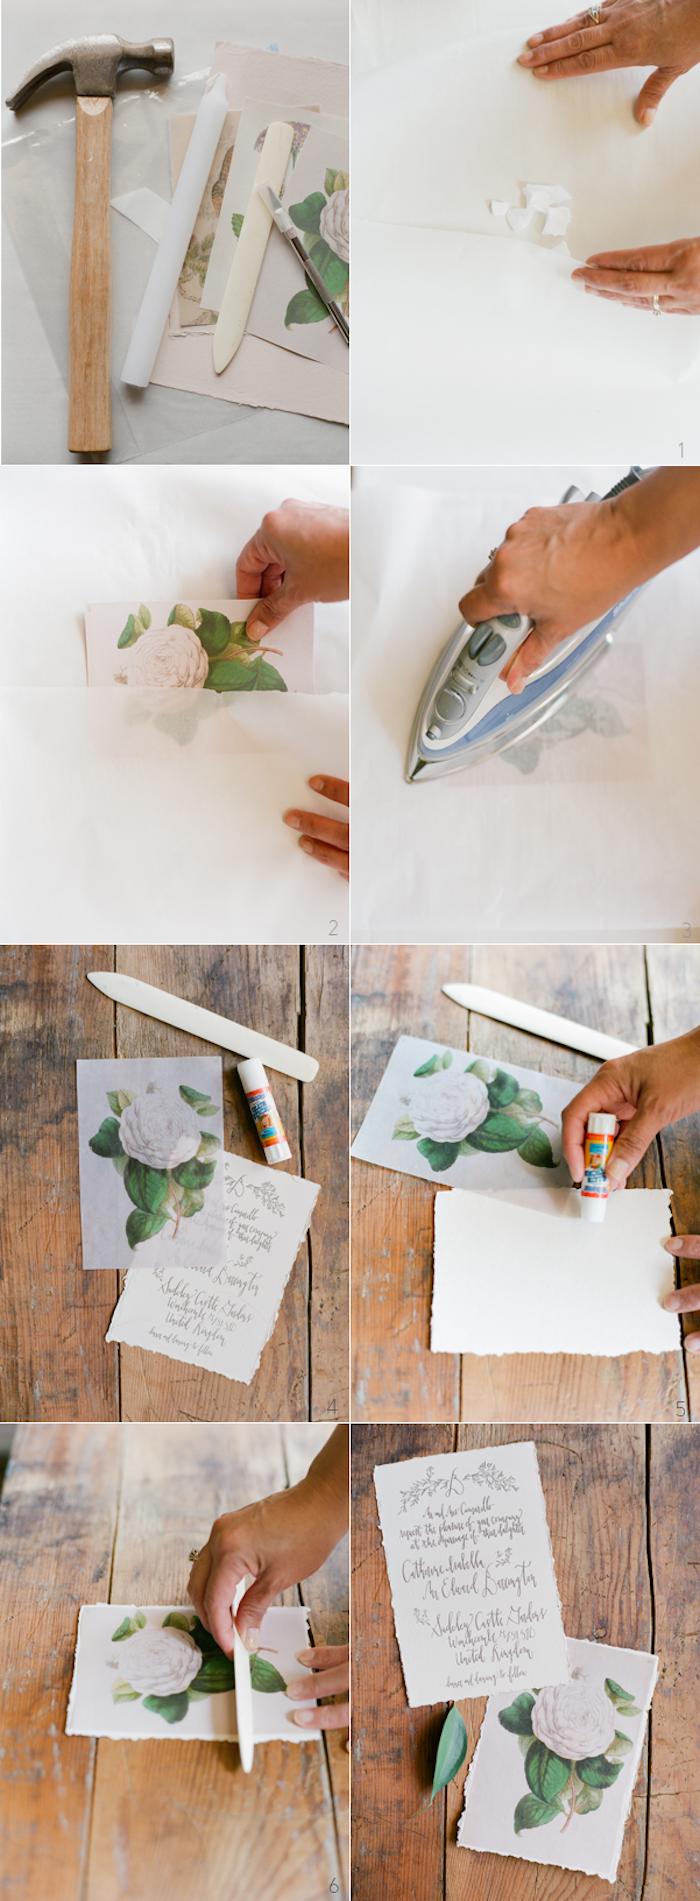 einladungskarten hochzeit vintage, karten aus wachspapier selber machen, retro stil